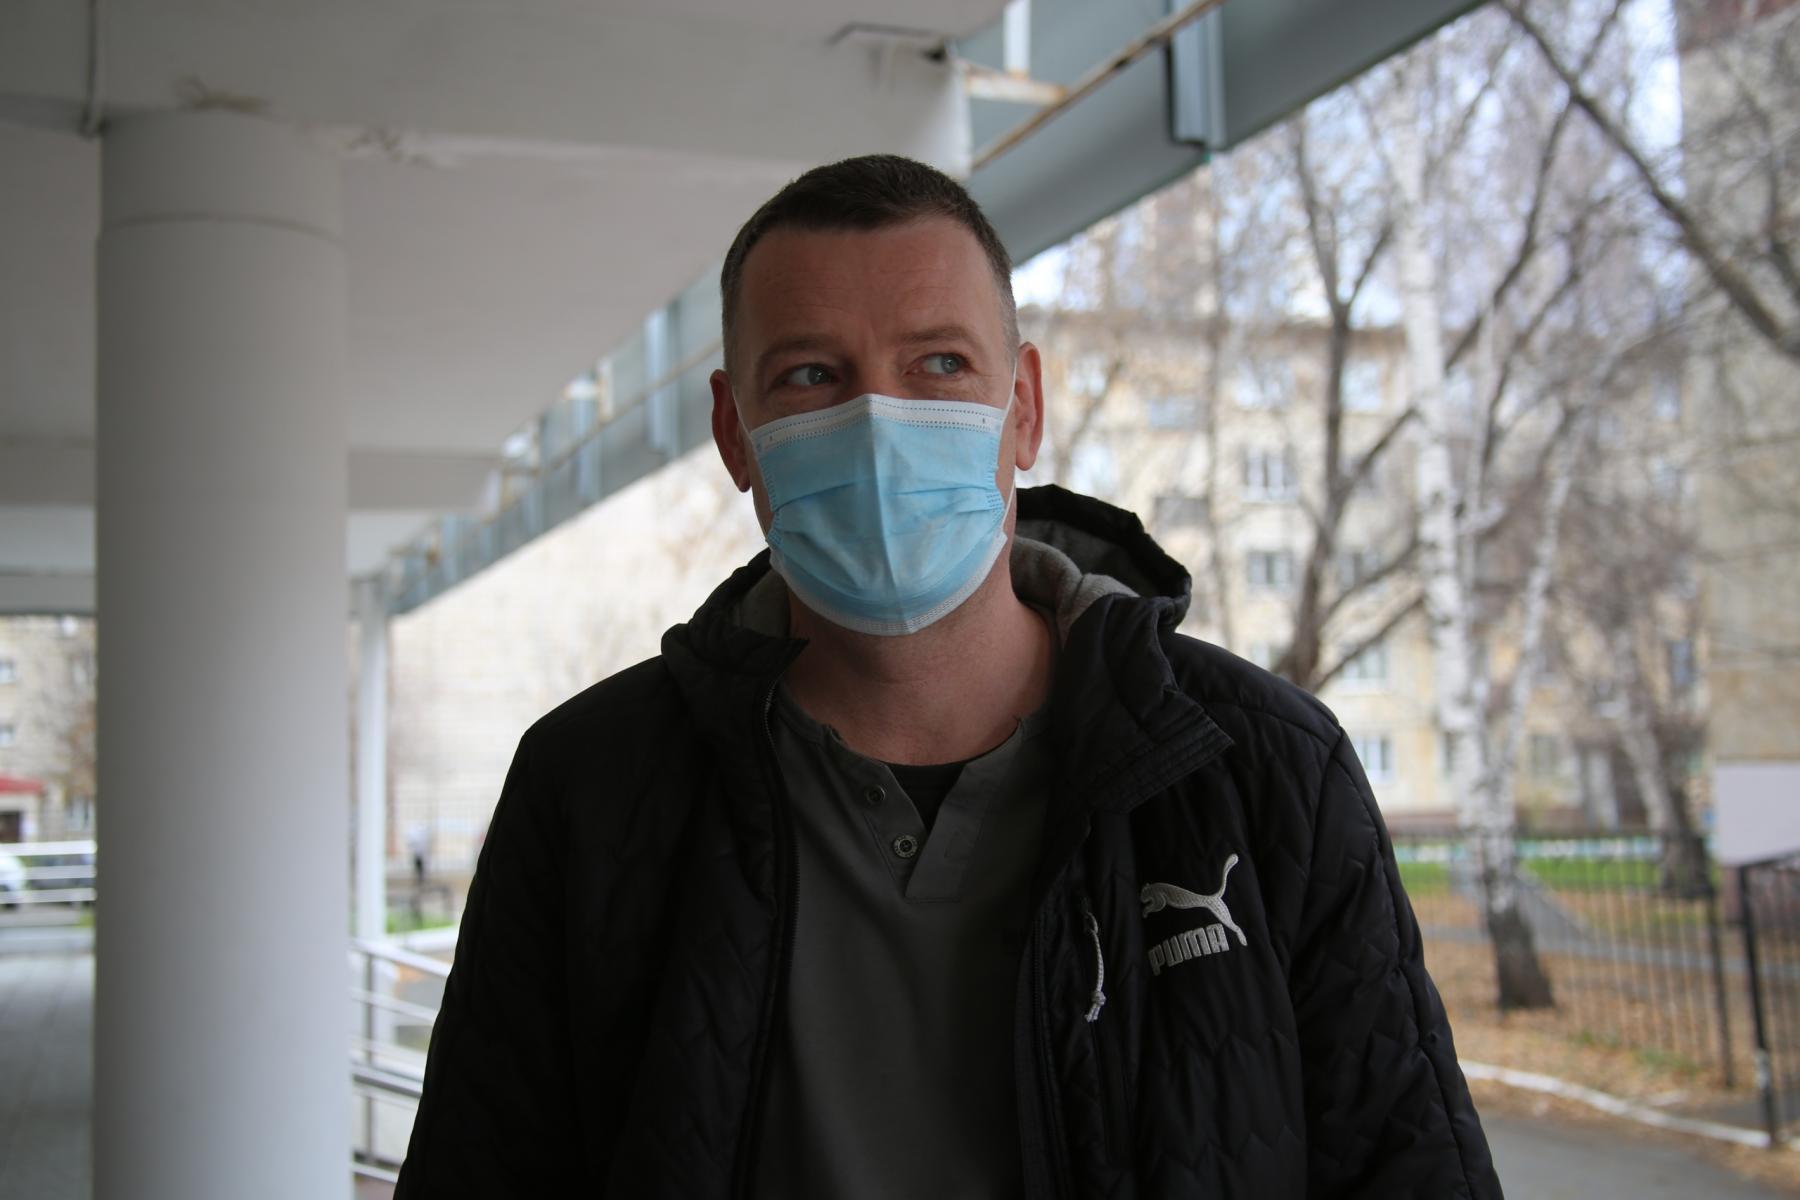 фото «Я не буду ставить на себе эксперименты»: что новосибирцы думают о российской вакцине от коронавируса 4